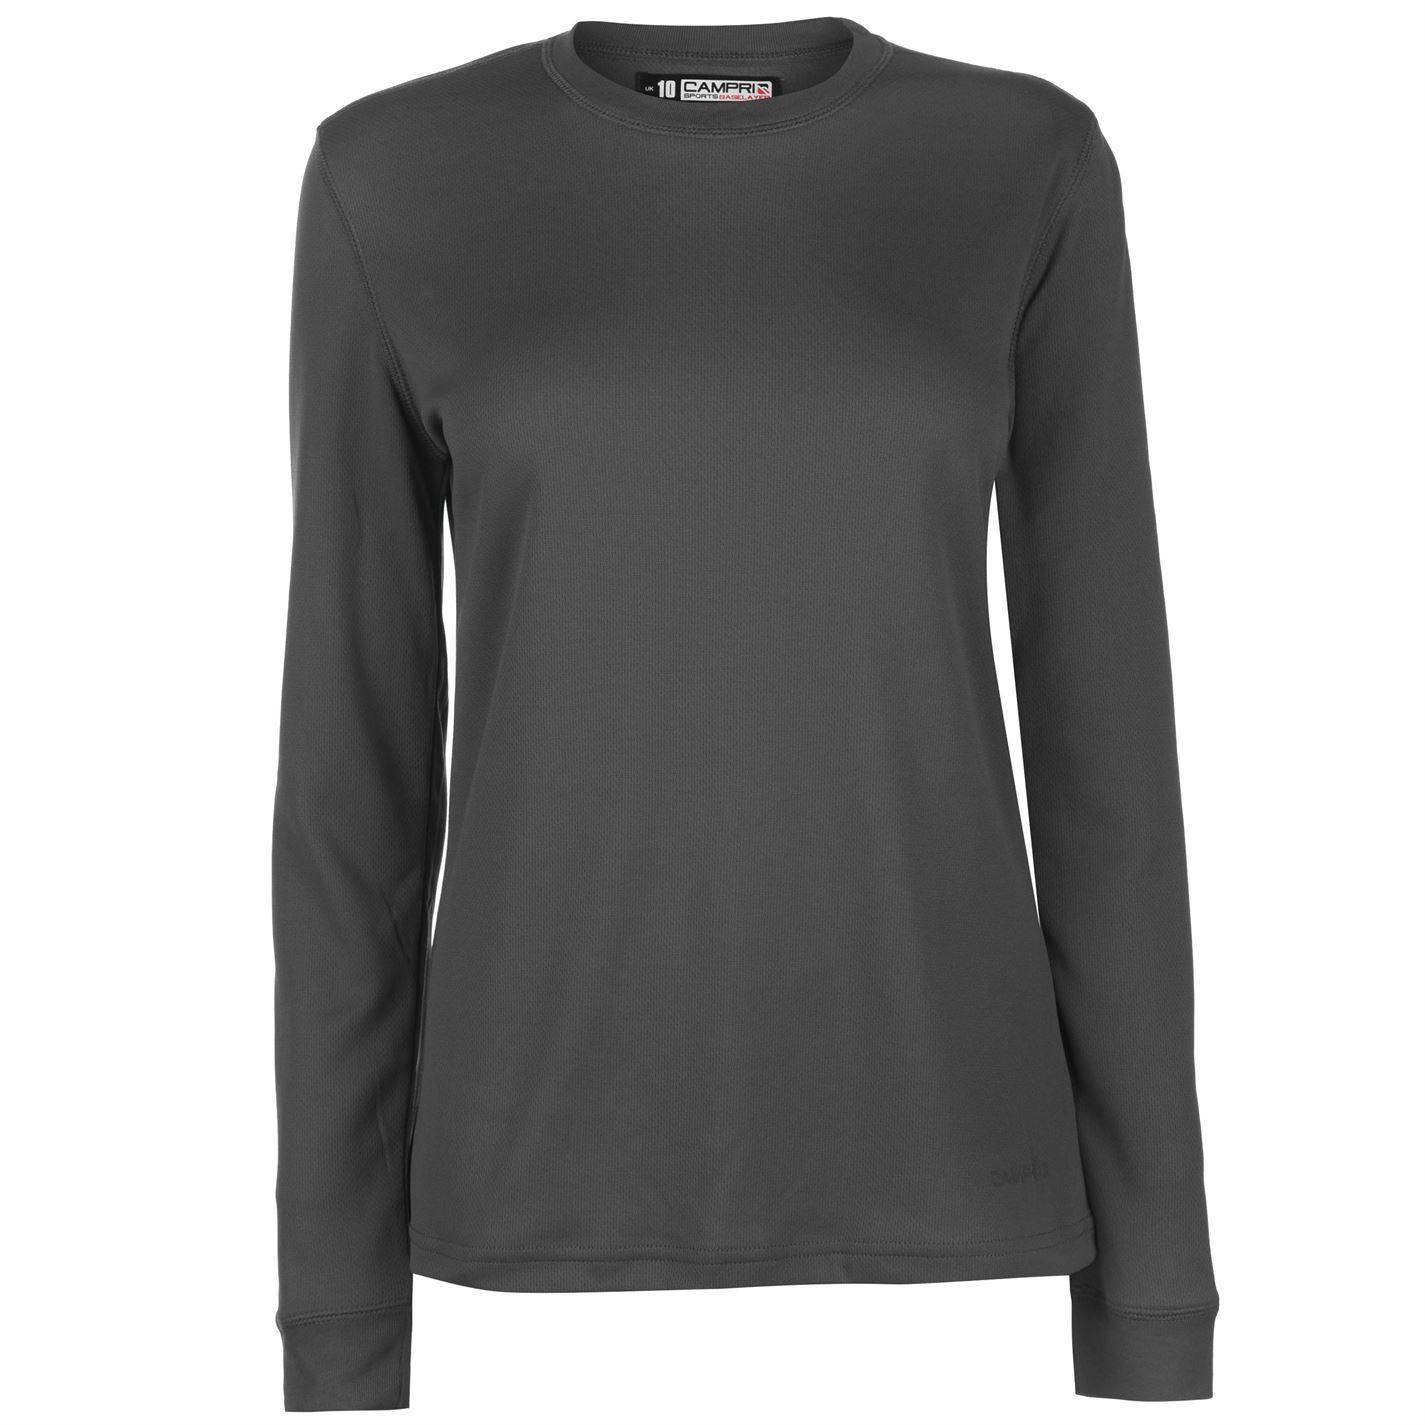 178c0e2ee5c0 ... tričko dámske Campri Charcoal. -43%. Termo ...